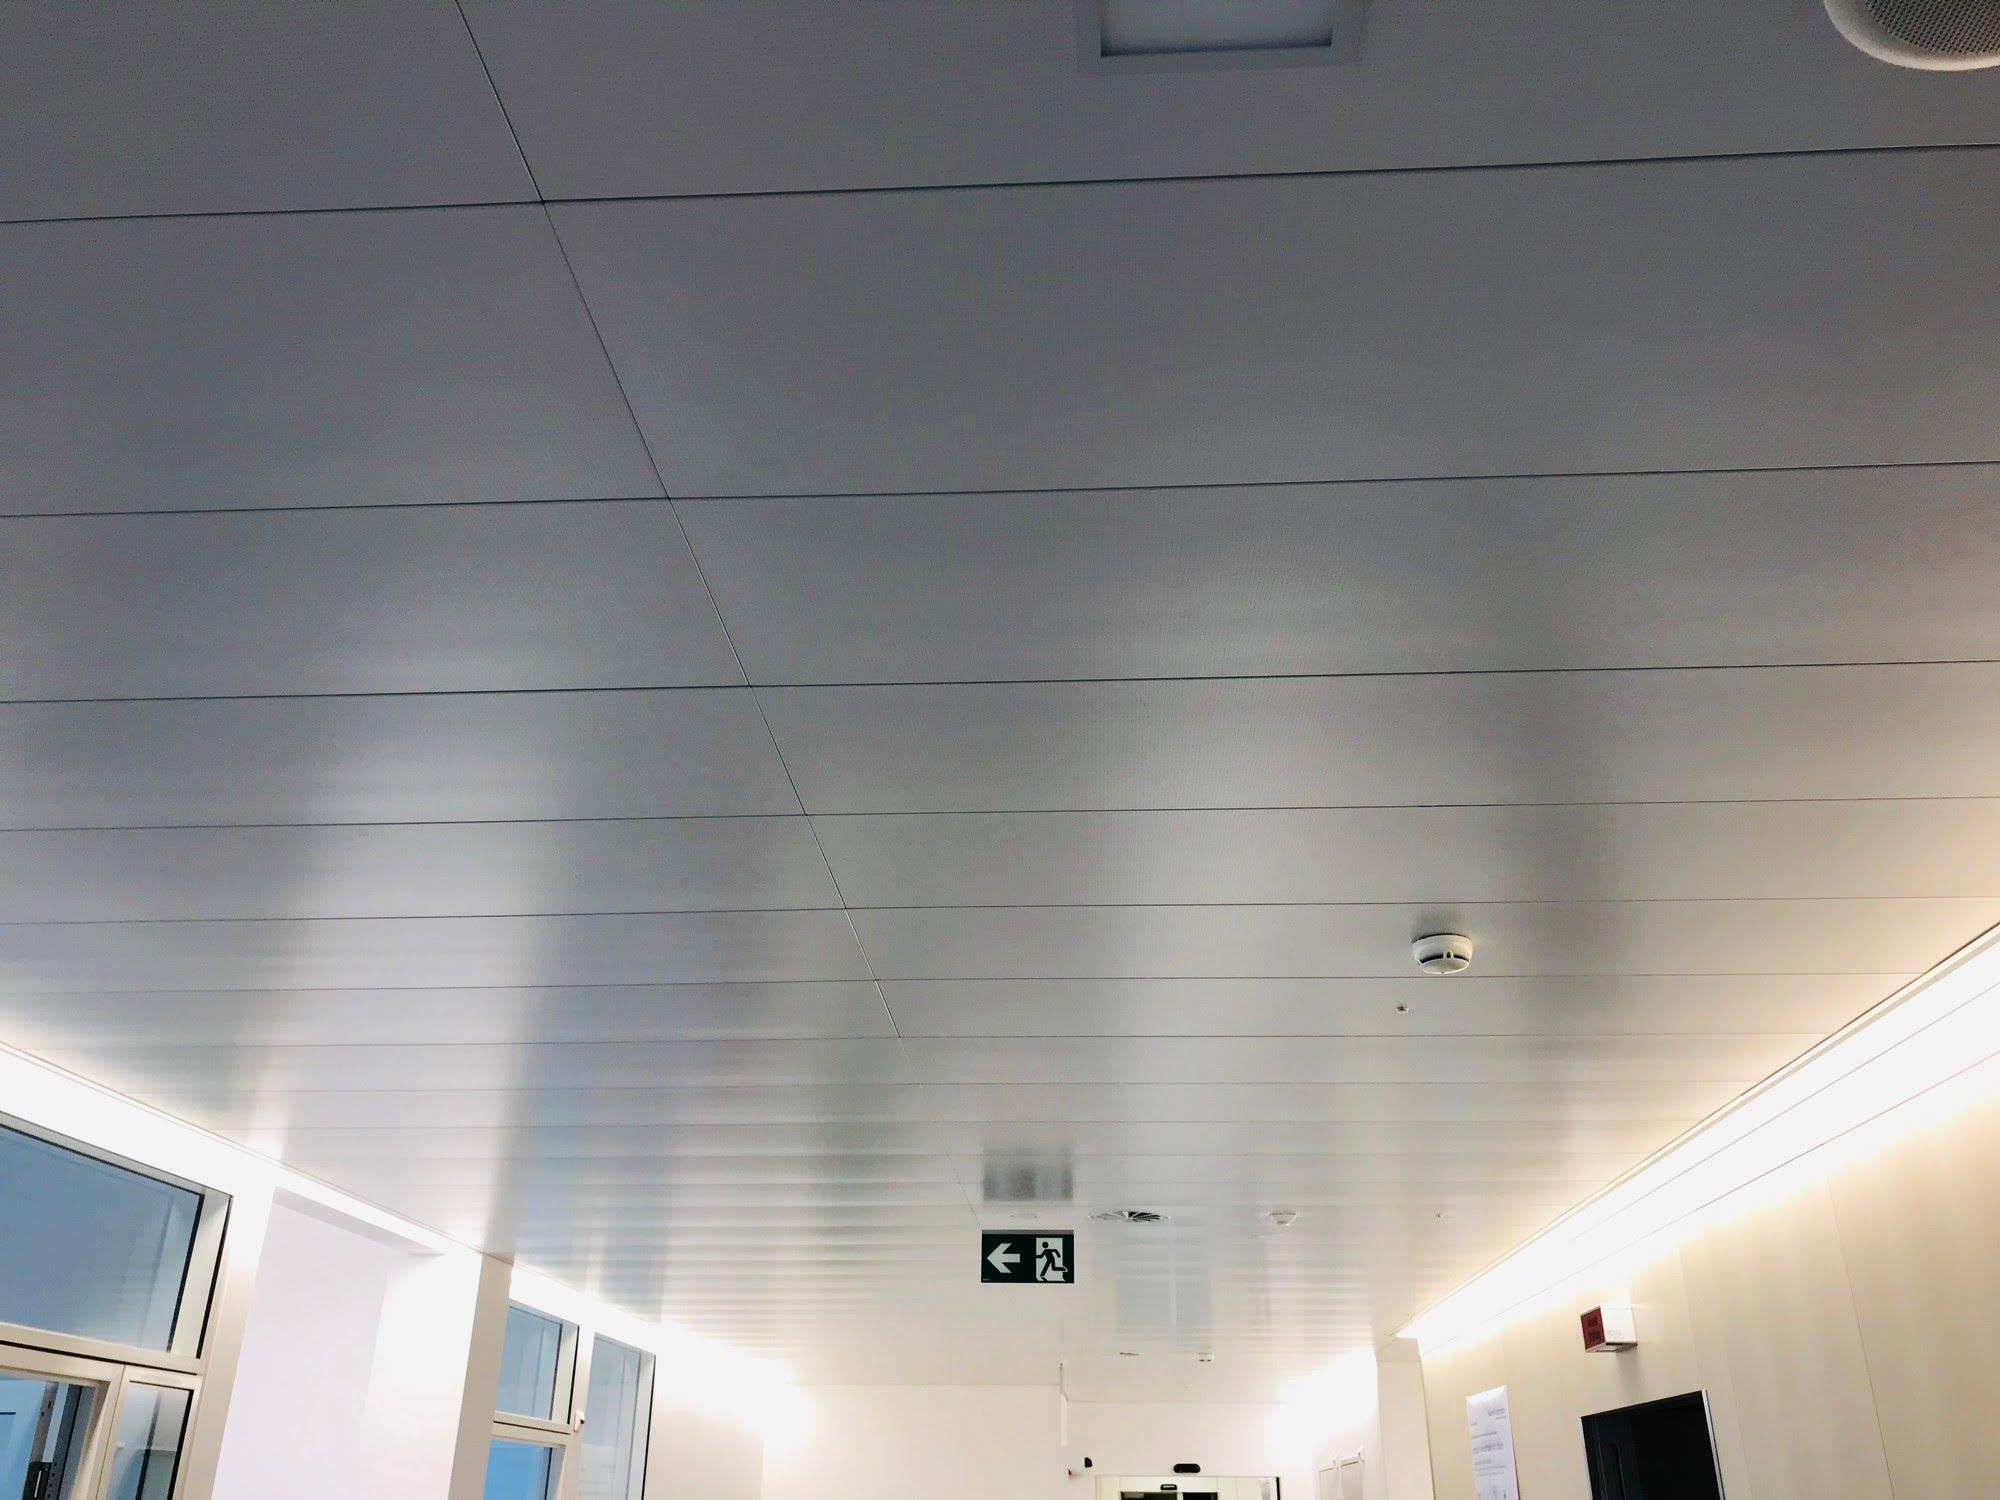 Deckenverkleidungen,Kühl/-Heizdecken,Lichtdecken,Metalldecken,Akustik- / Schallschutzdecken,Novaflex - Bürotrennwand,Anbau Radio-Onkologie Spital,Deckensystem-Wandsysteme,Trennwände Büro,Ganzglaswände,Bürotrennwand,Akustikdecken,Schallschutzdecken,Trennwände,Glaswände,Faltwände,Raumgestaltung,Trennwand Systeme